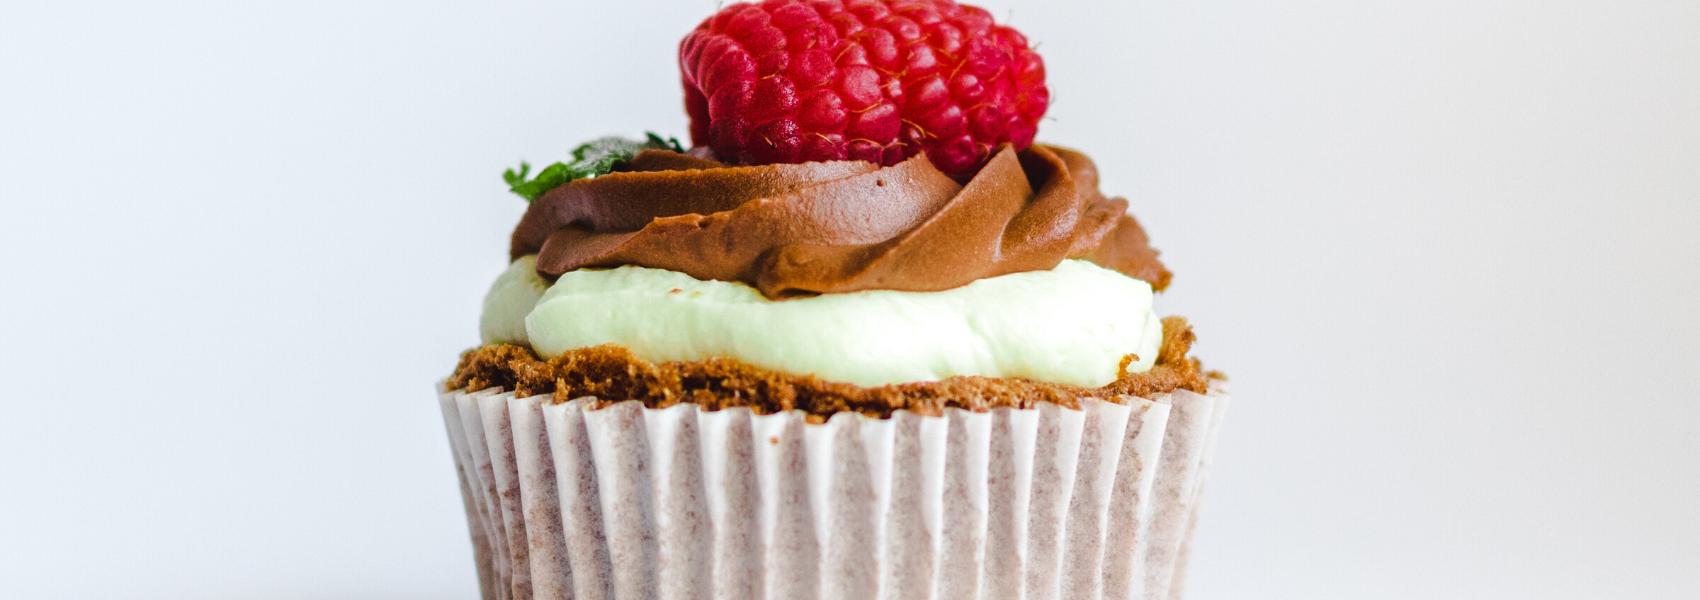 Aditivo alimentar comum pode causar danos na saúde intestinal